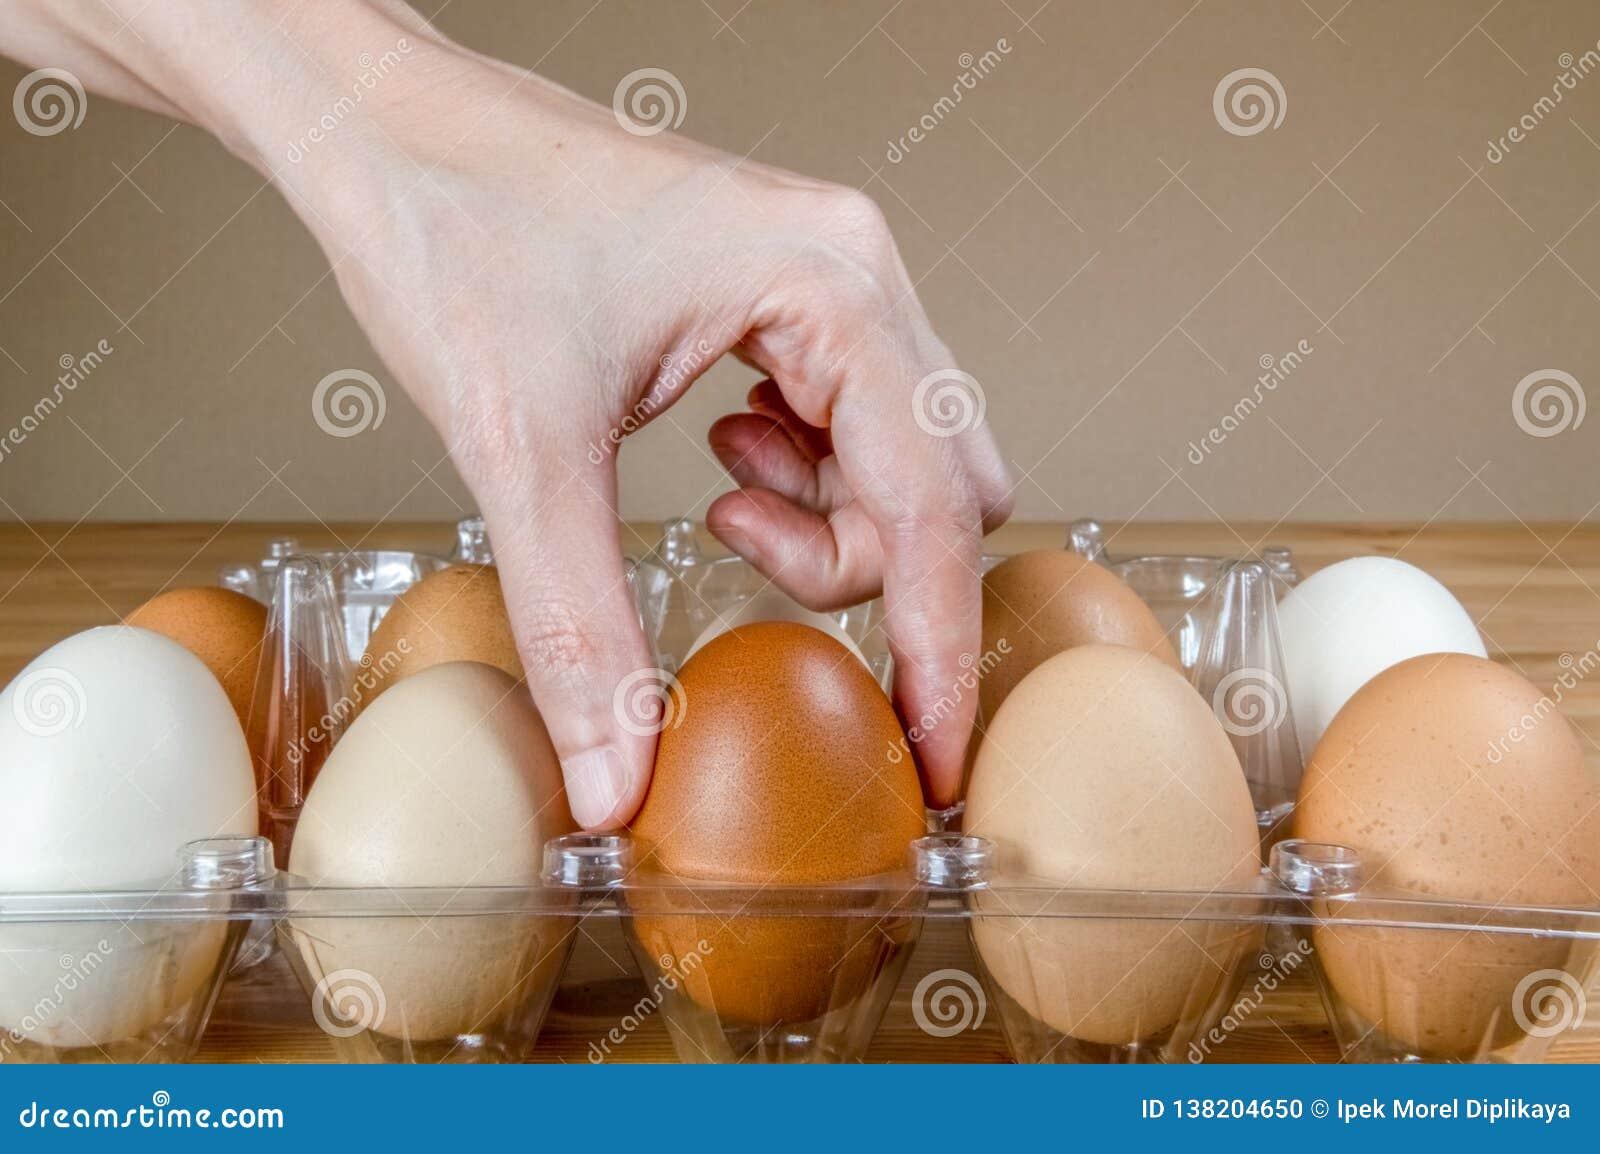 Wijfje die één ei van plastic eivakje met de hand plukken op de lijst